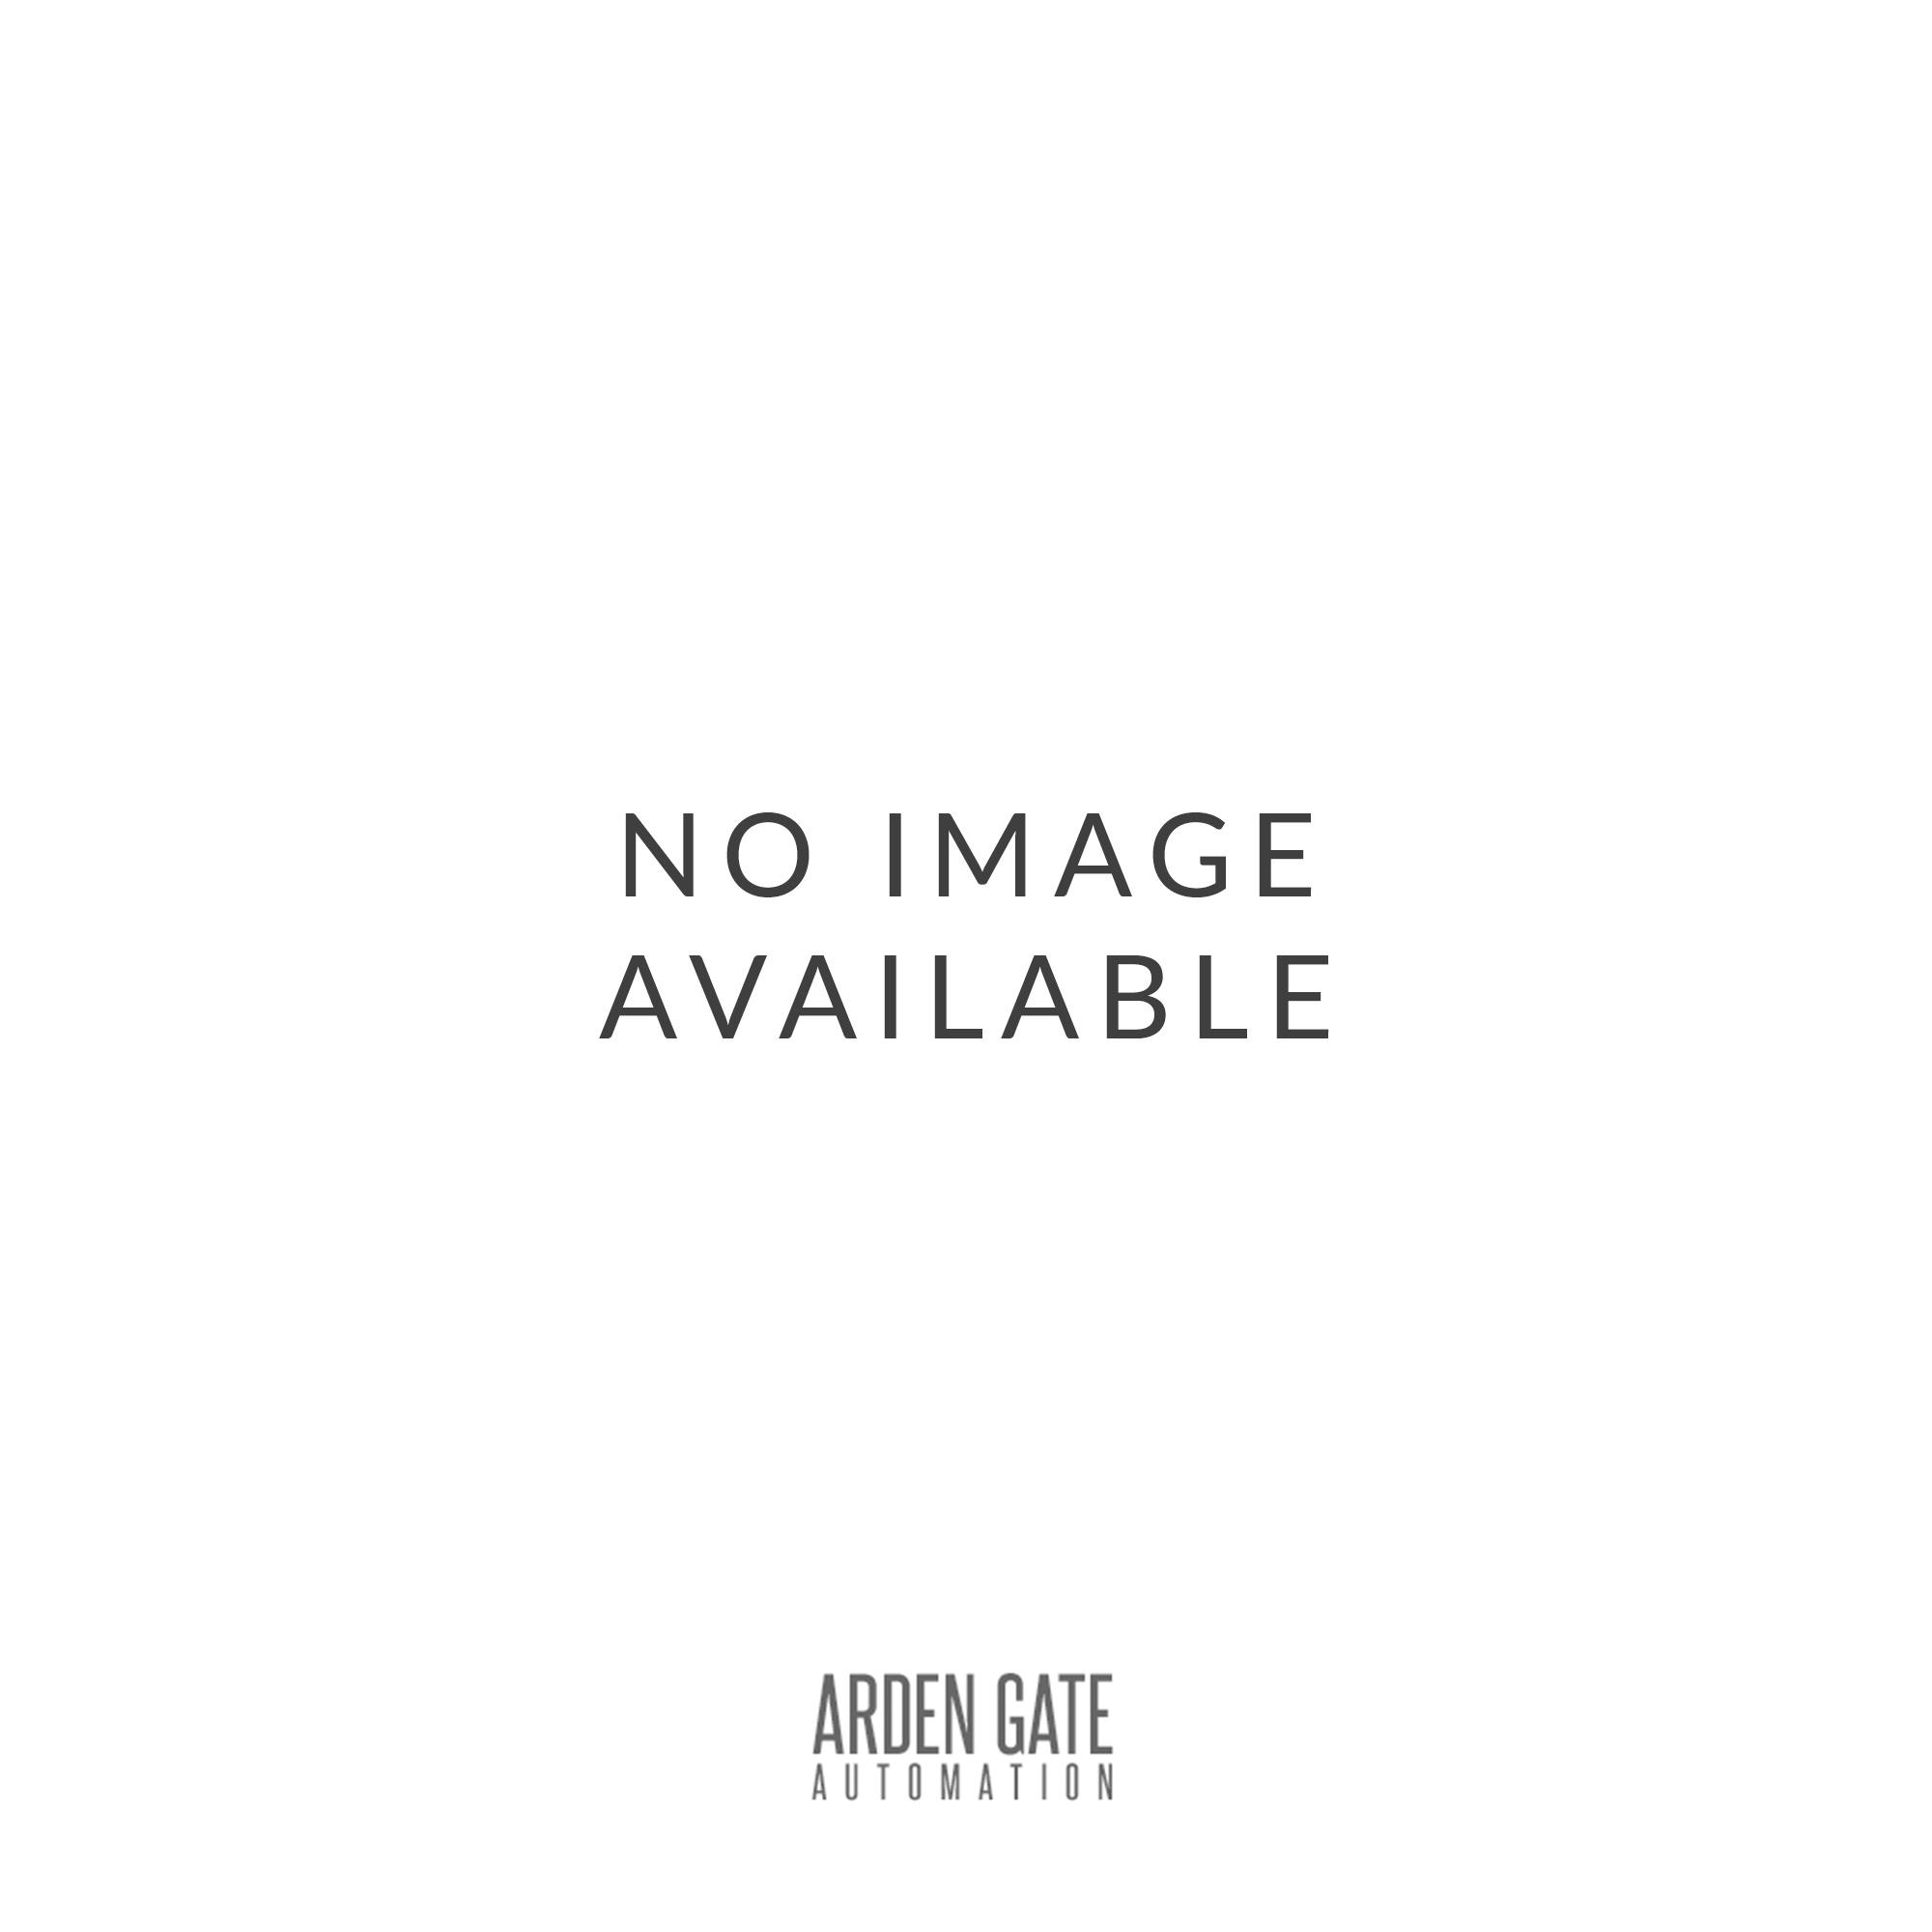 Dea 902 24 24v Counterweight Overhead Garage Door Motor